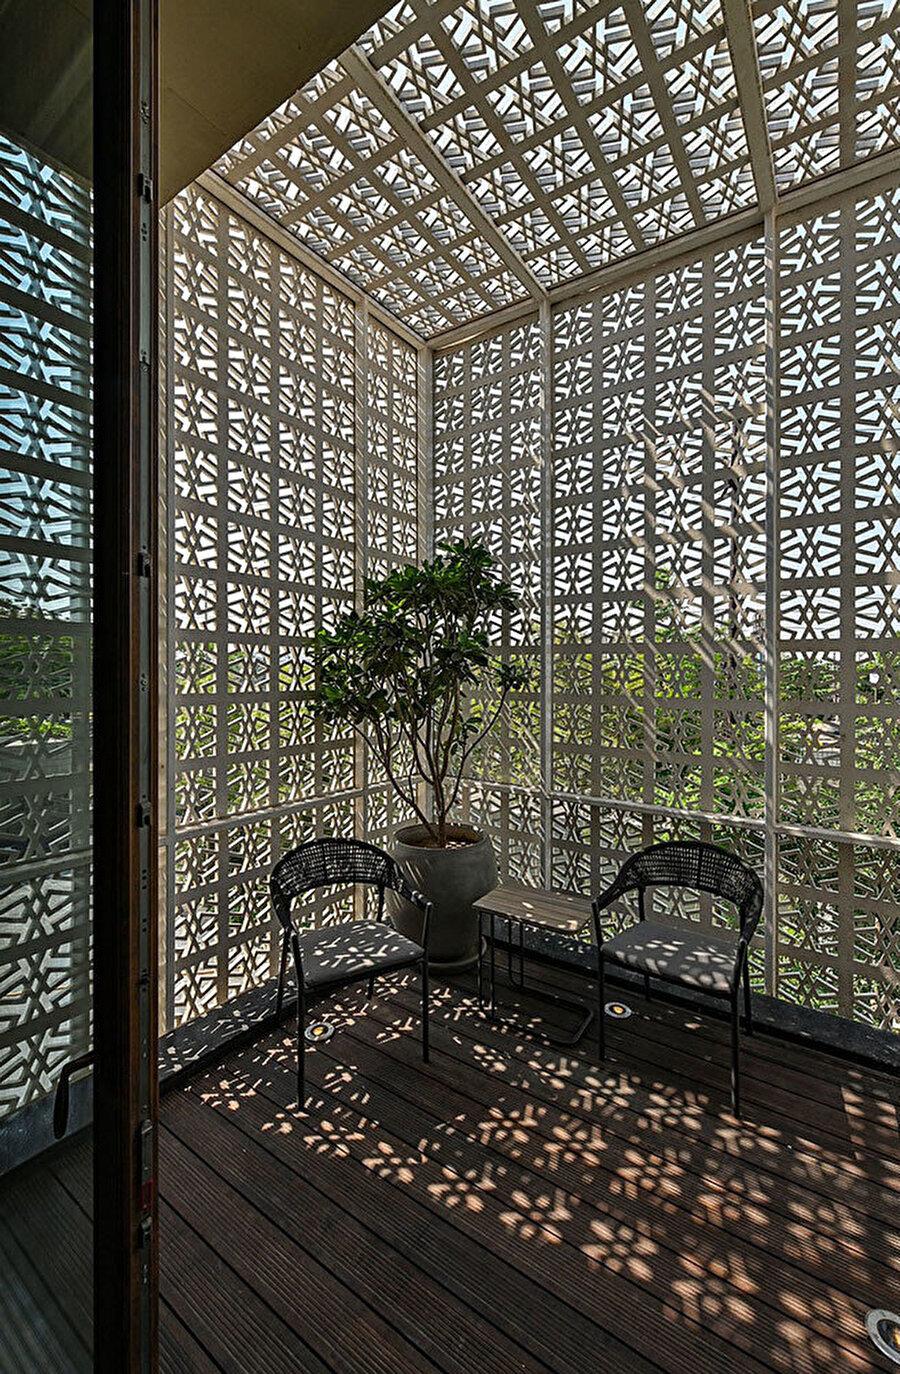 Chikan işlemeli bu ekranlar, yarı açık mekanlarda güneşten korunma sağlıyor.